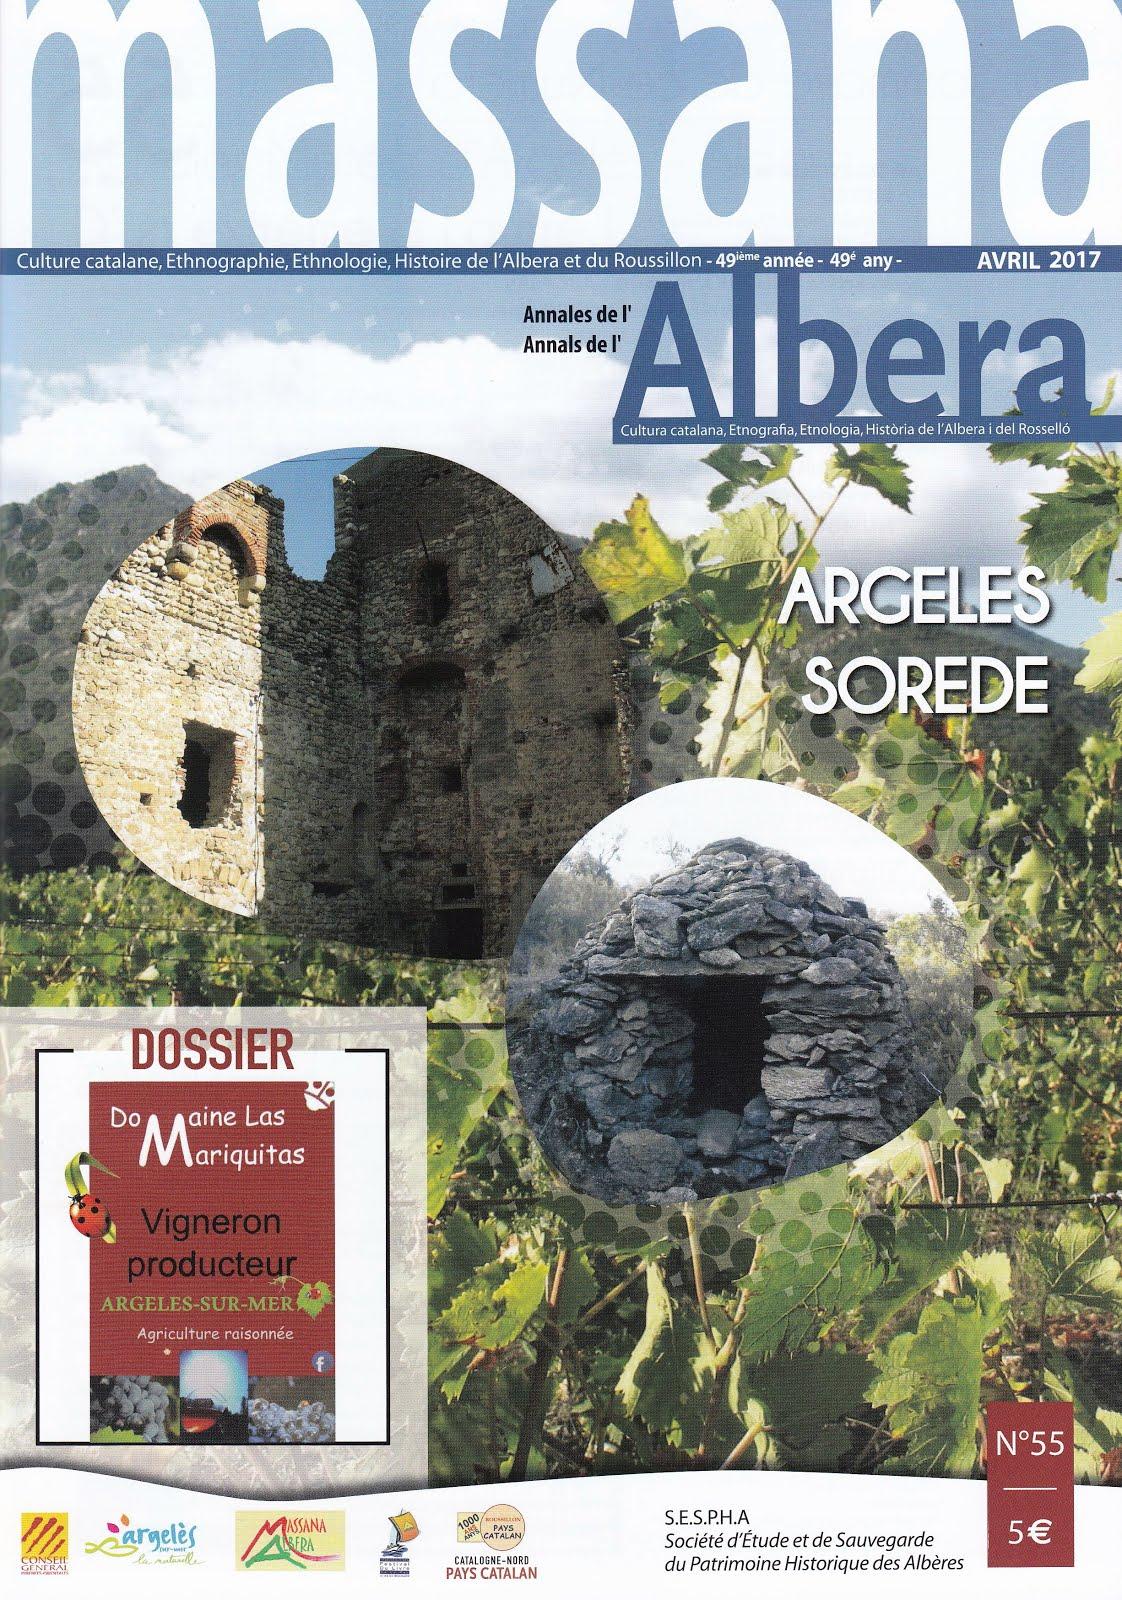 Massana-Albera n°55